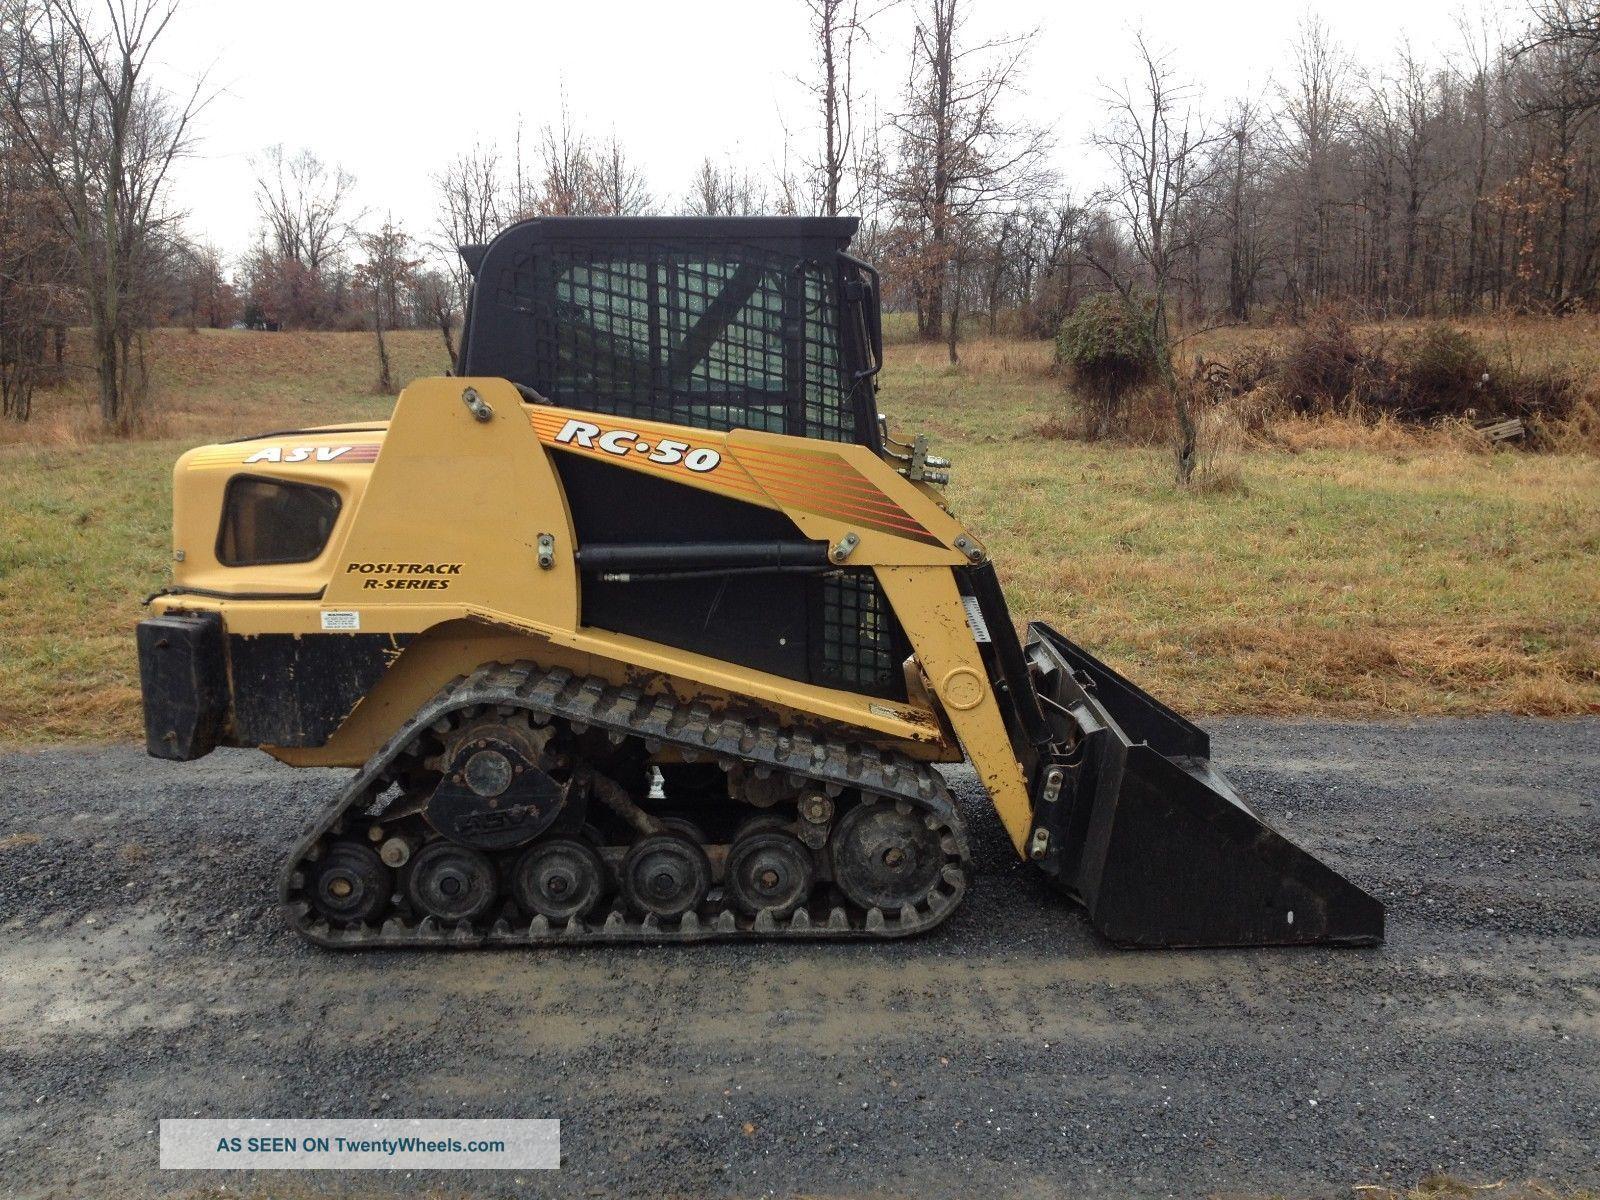 Track Skid Steer Loader : Asv rc track skid steer loader skidloader cab cat engine